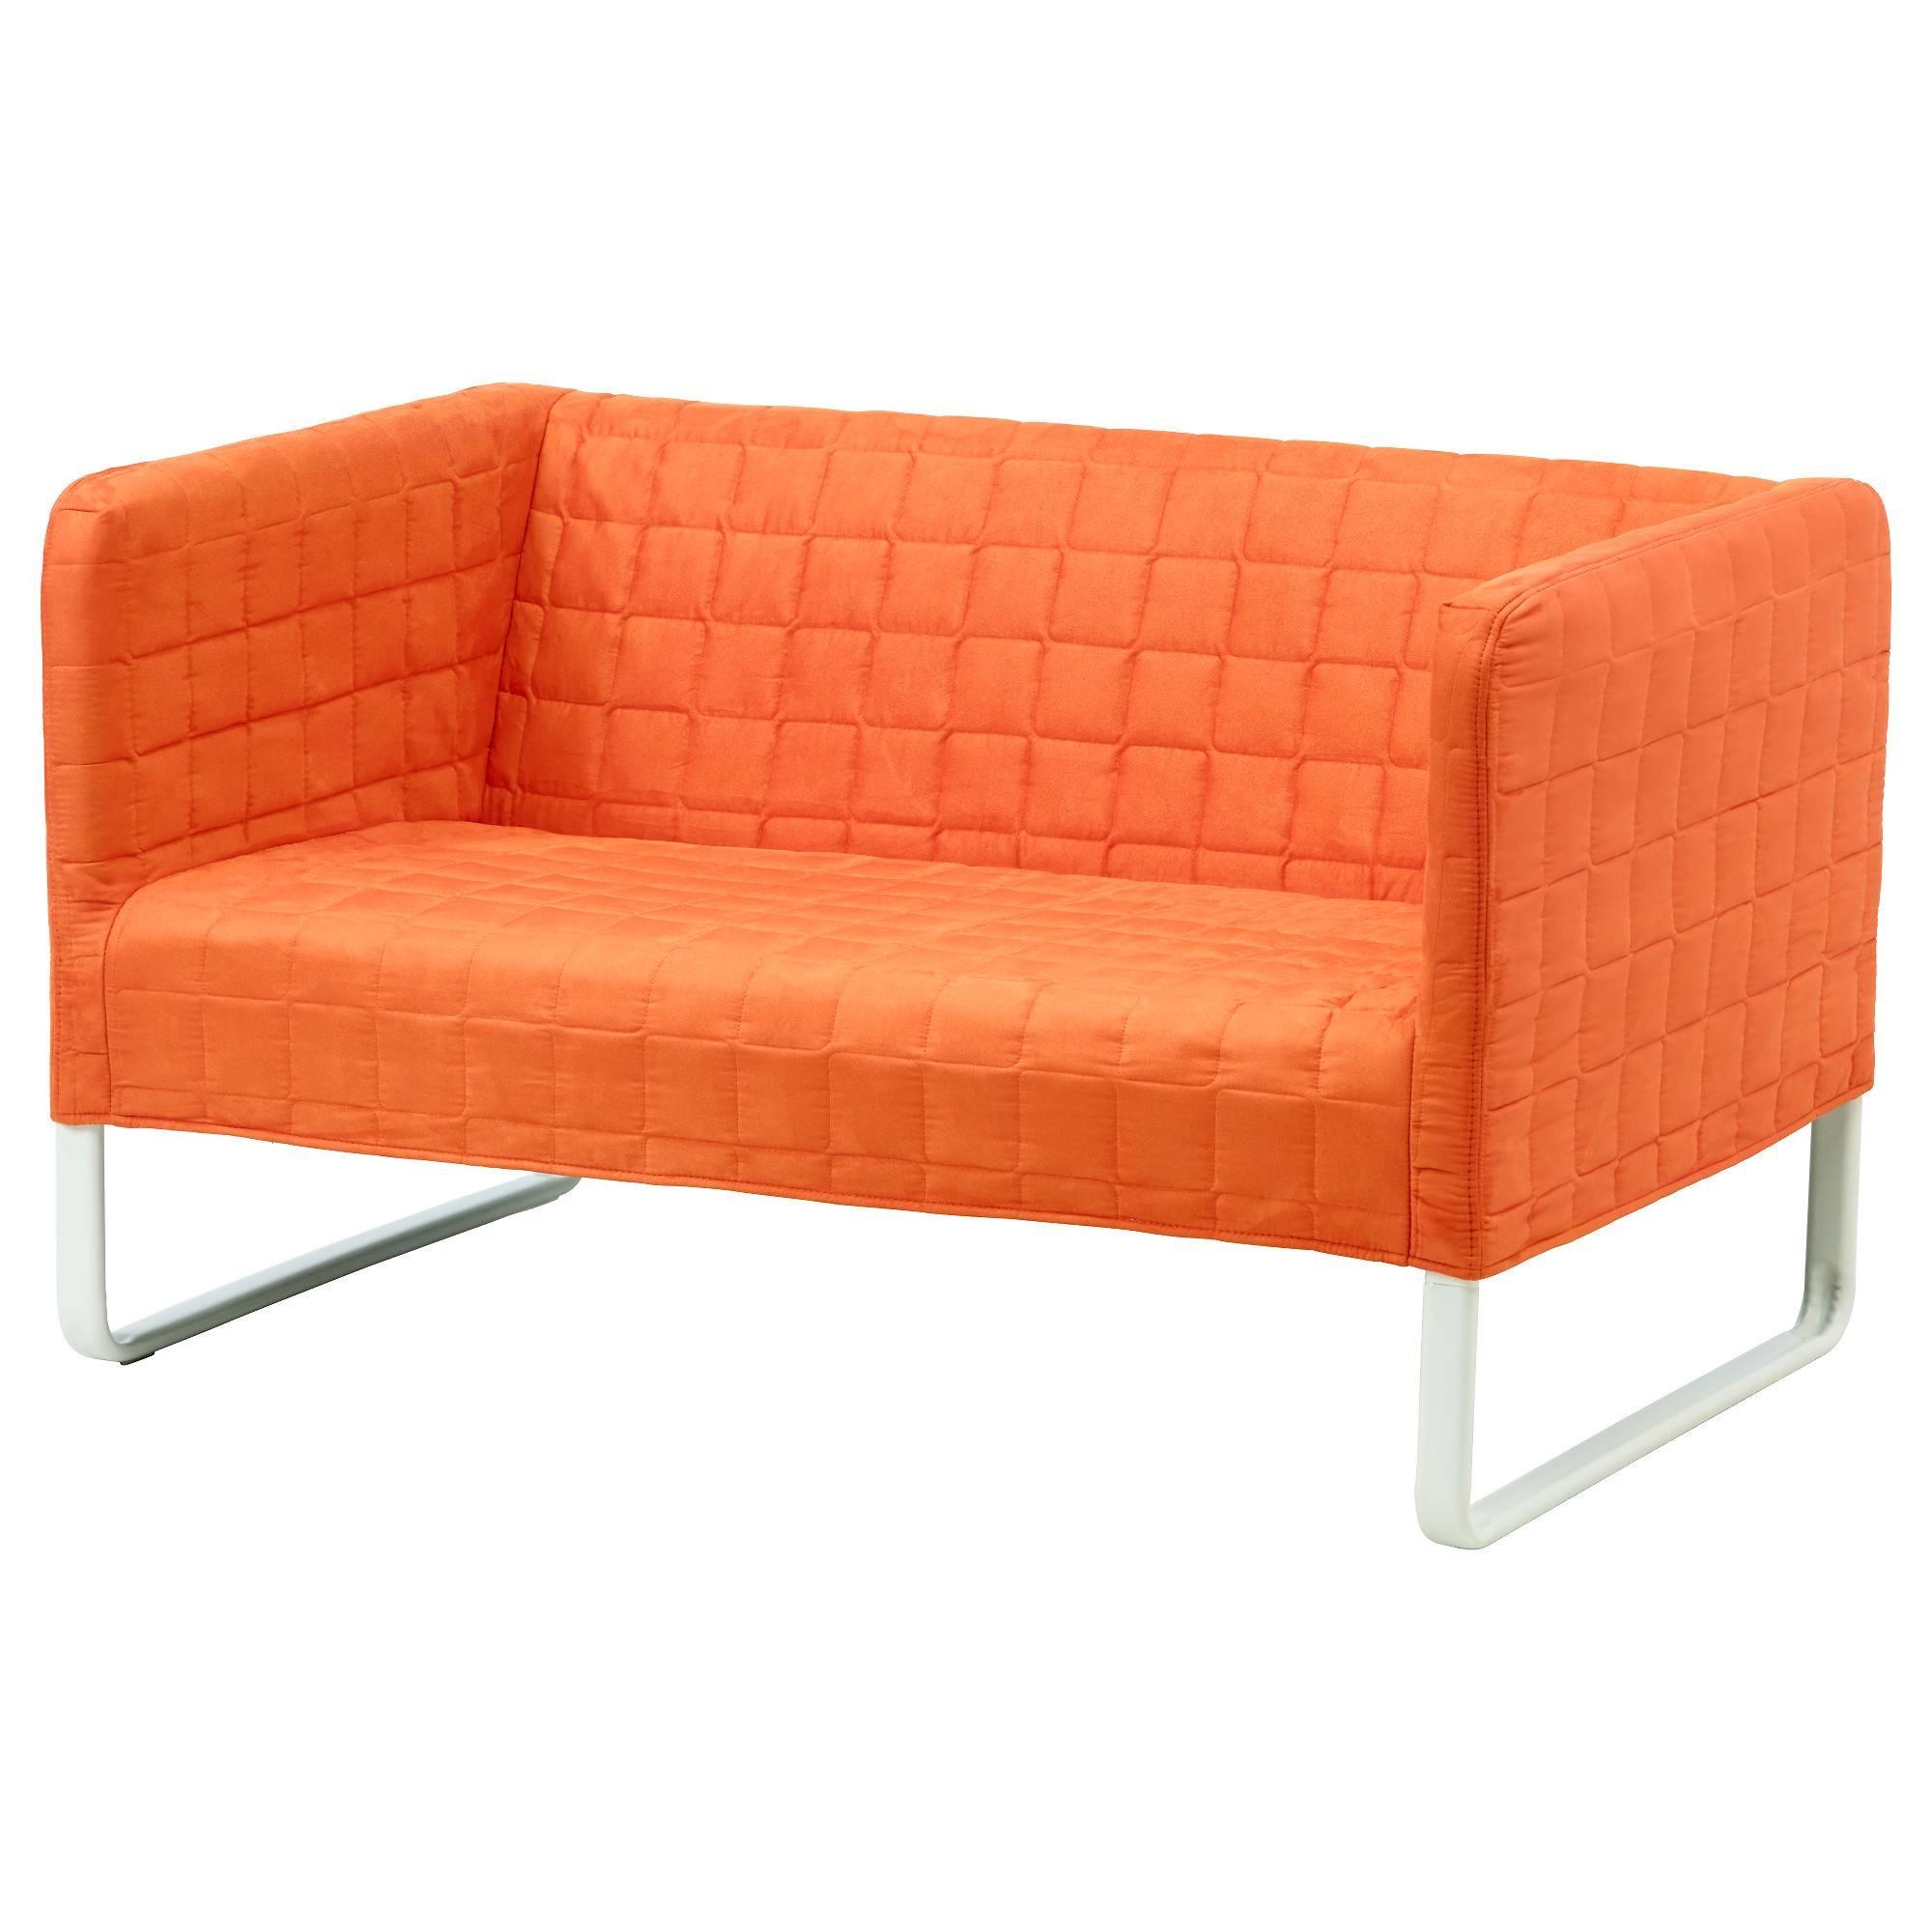 Knopparp 2-Seat Sofa Orange - Ikea with regard to Small Sofas Ikea (Image 16 of 30)